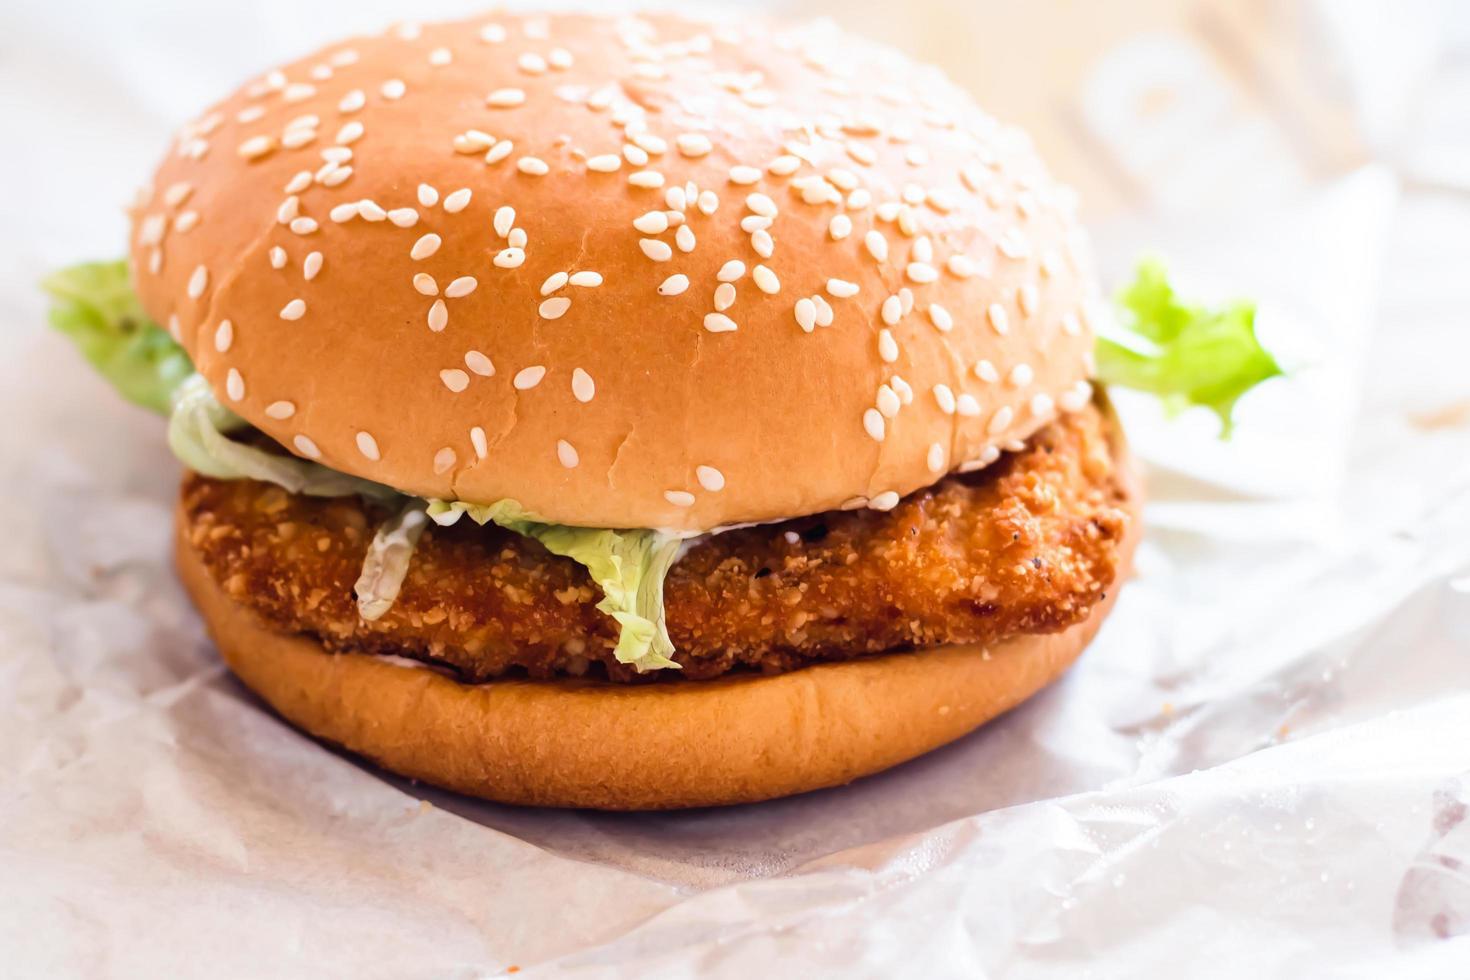 hamburger di pollo fritto su carta sfondo bianco foto